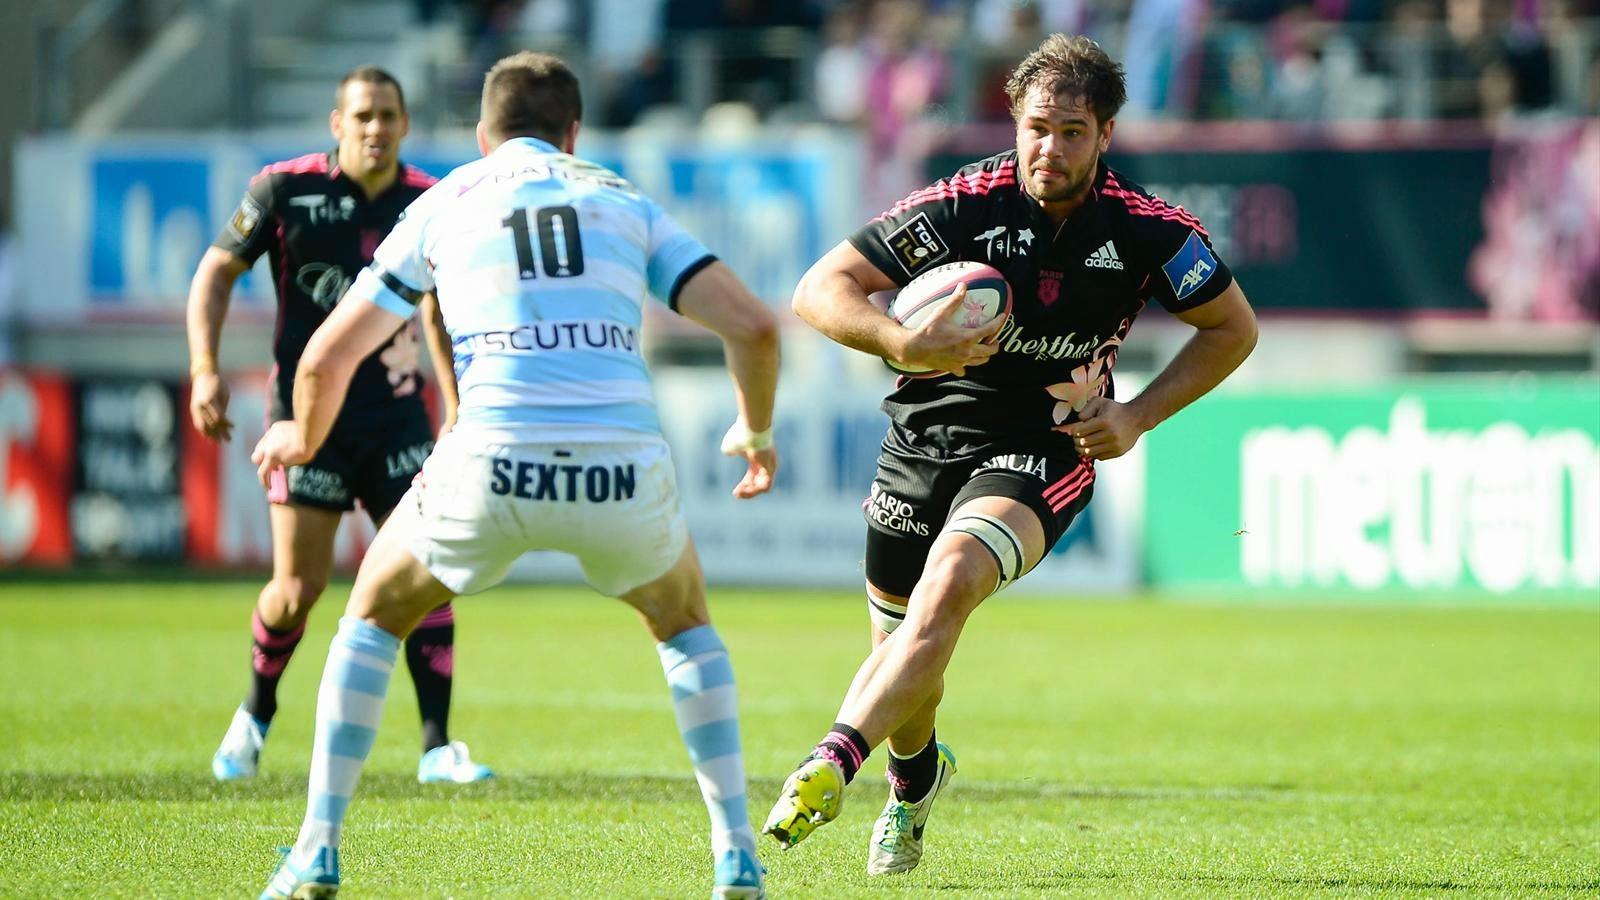 Benjamín Macome regresa al rugby francés